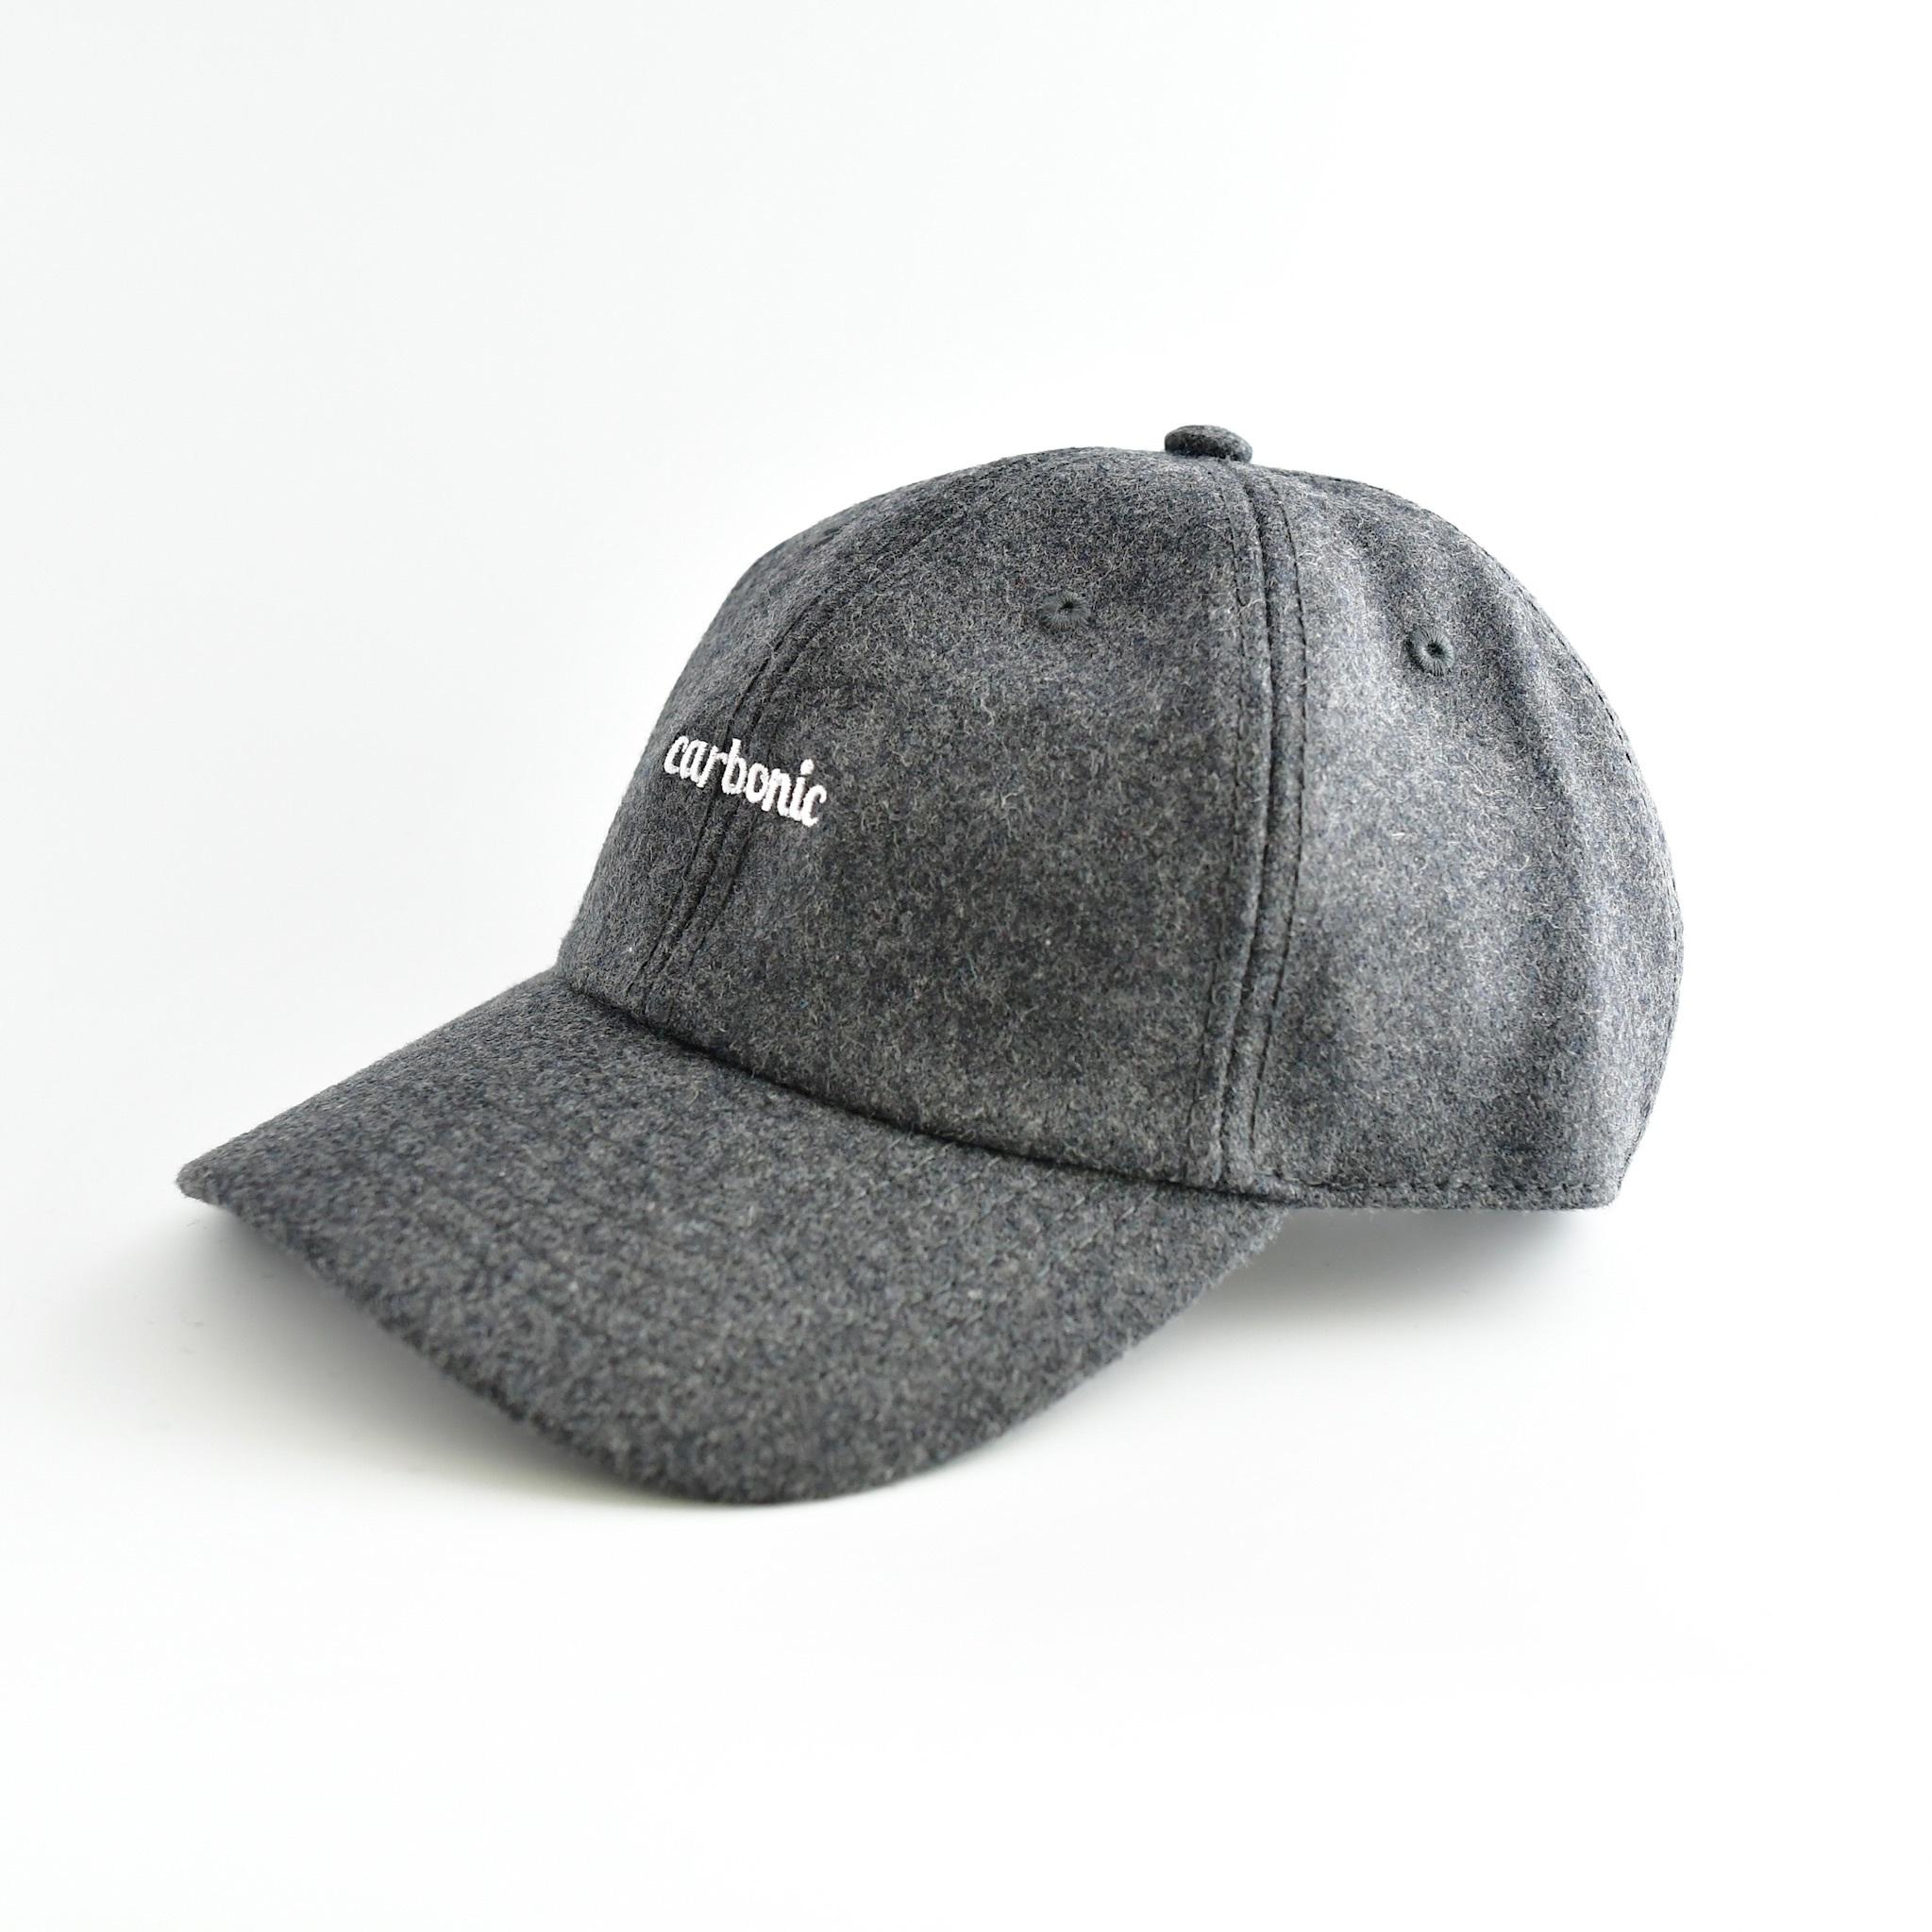 carbonic 6PANEL wool blend cap